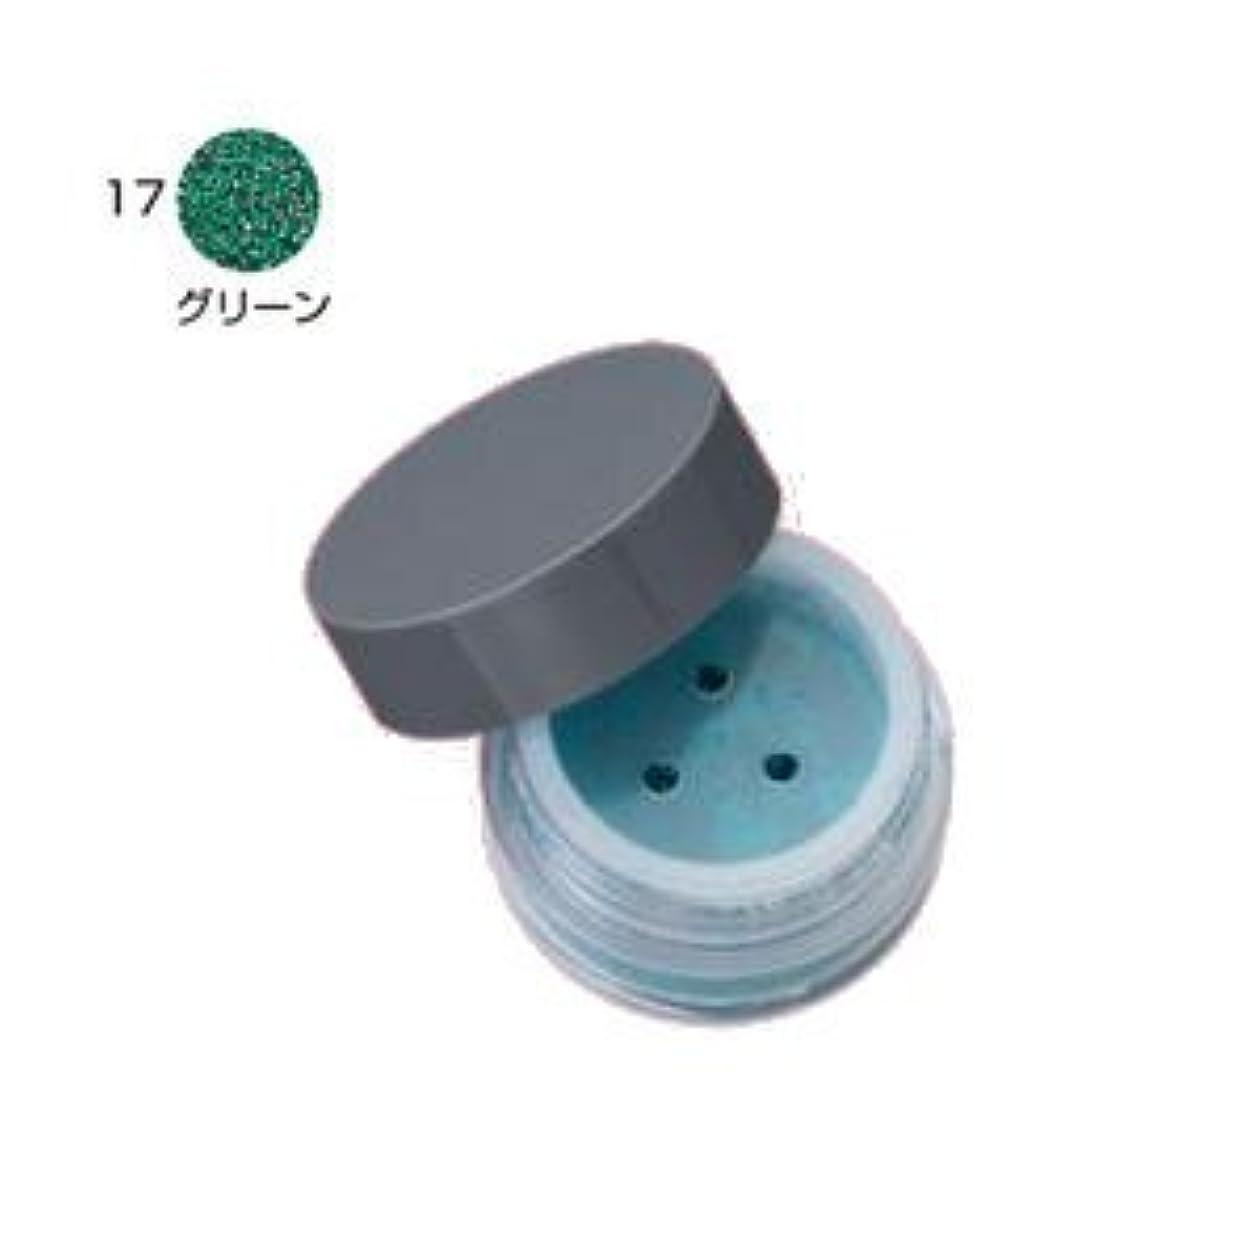 鷲日付止まる三善 ミツヨシ カラープリズム 17 グリーン